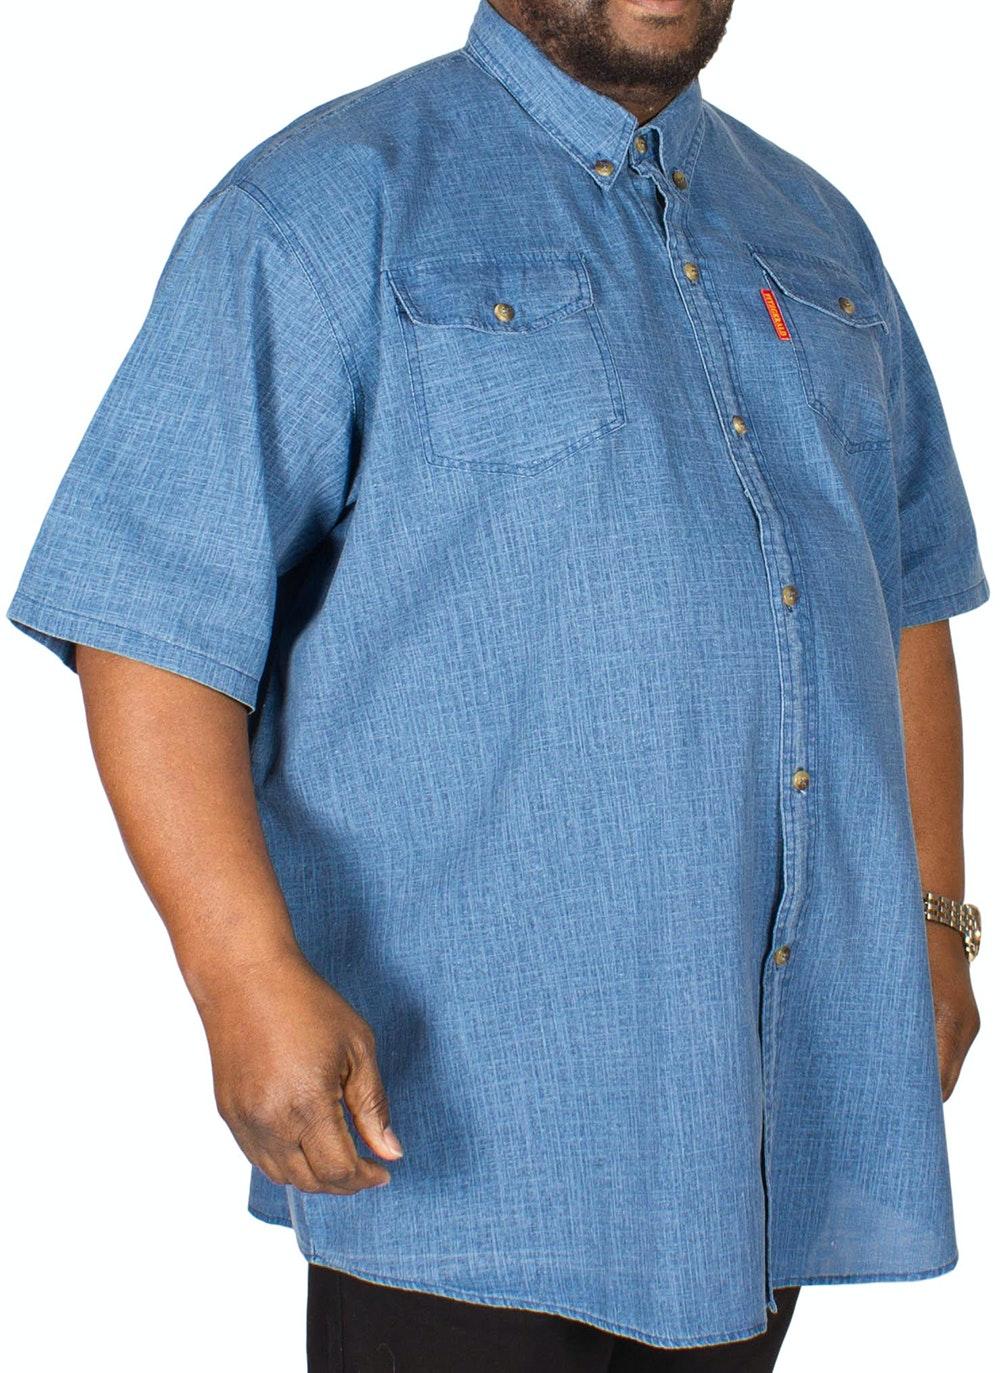 Fitzgerald Terry Linen Shirt Denim